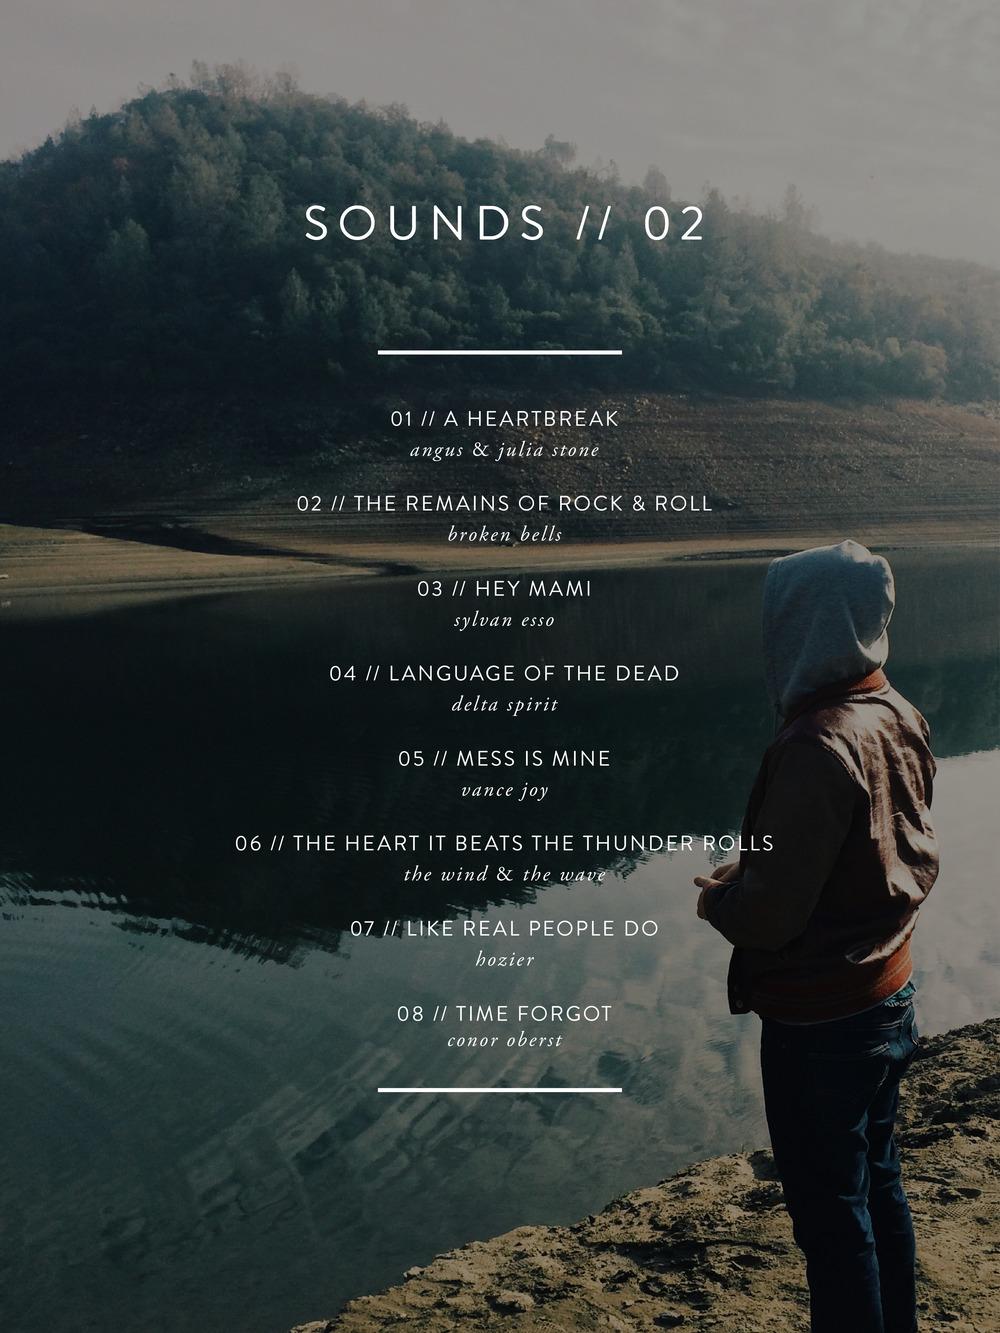 Sounds // 02